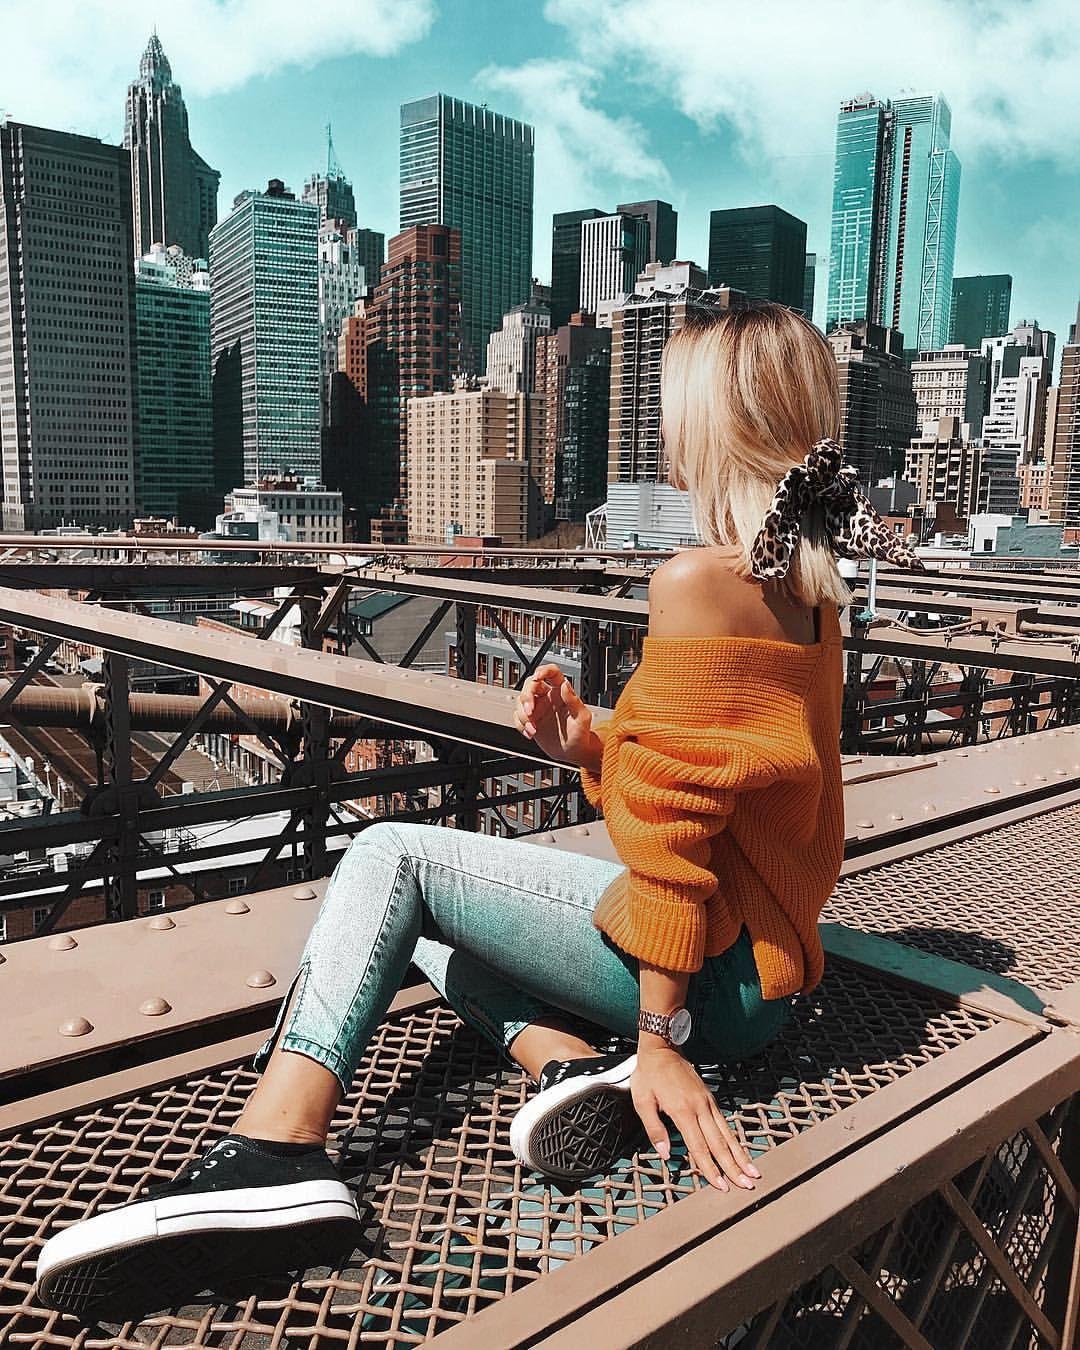 """MODA Y MINDFULNESS en Instagram: """"* Publicidad en Nueva York, Nueva Yooooooooork ♥ ️ Después de que ayer tomé el vuelo, pude experimentar otra fobia …"""""""